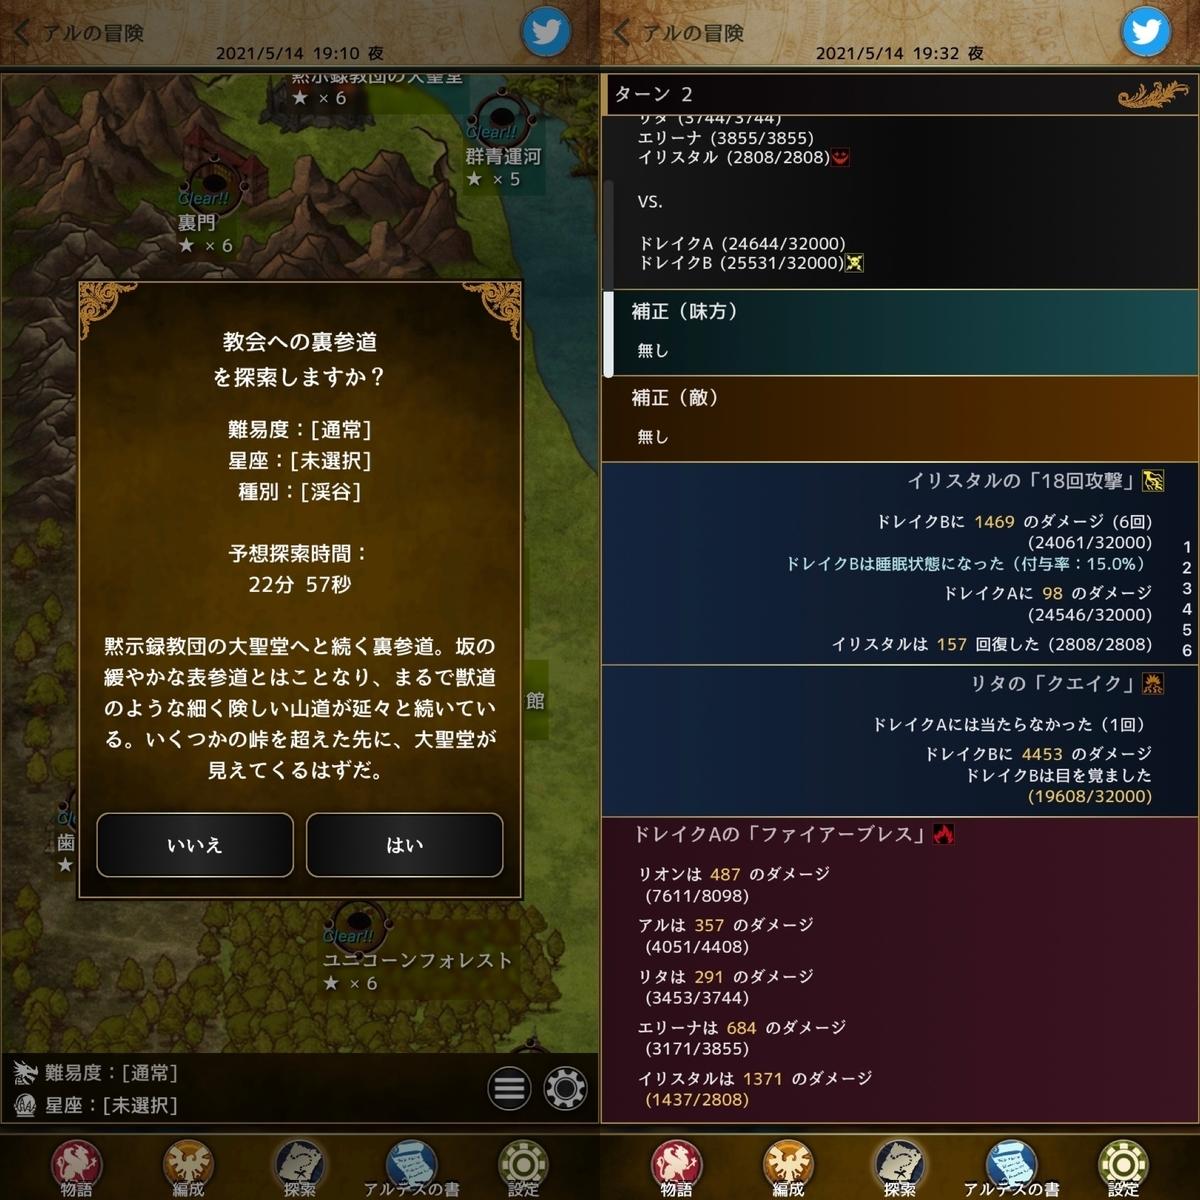 f:id:asamushi:20210519103443j:plain